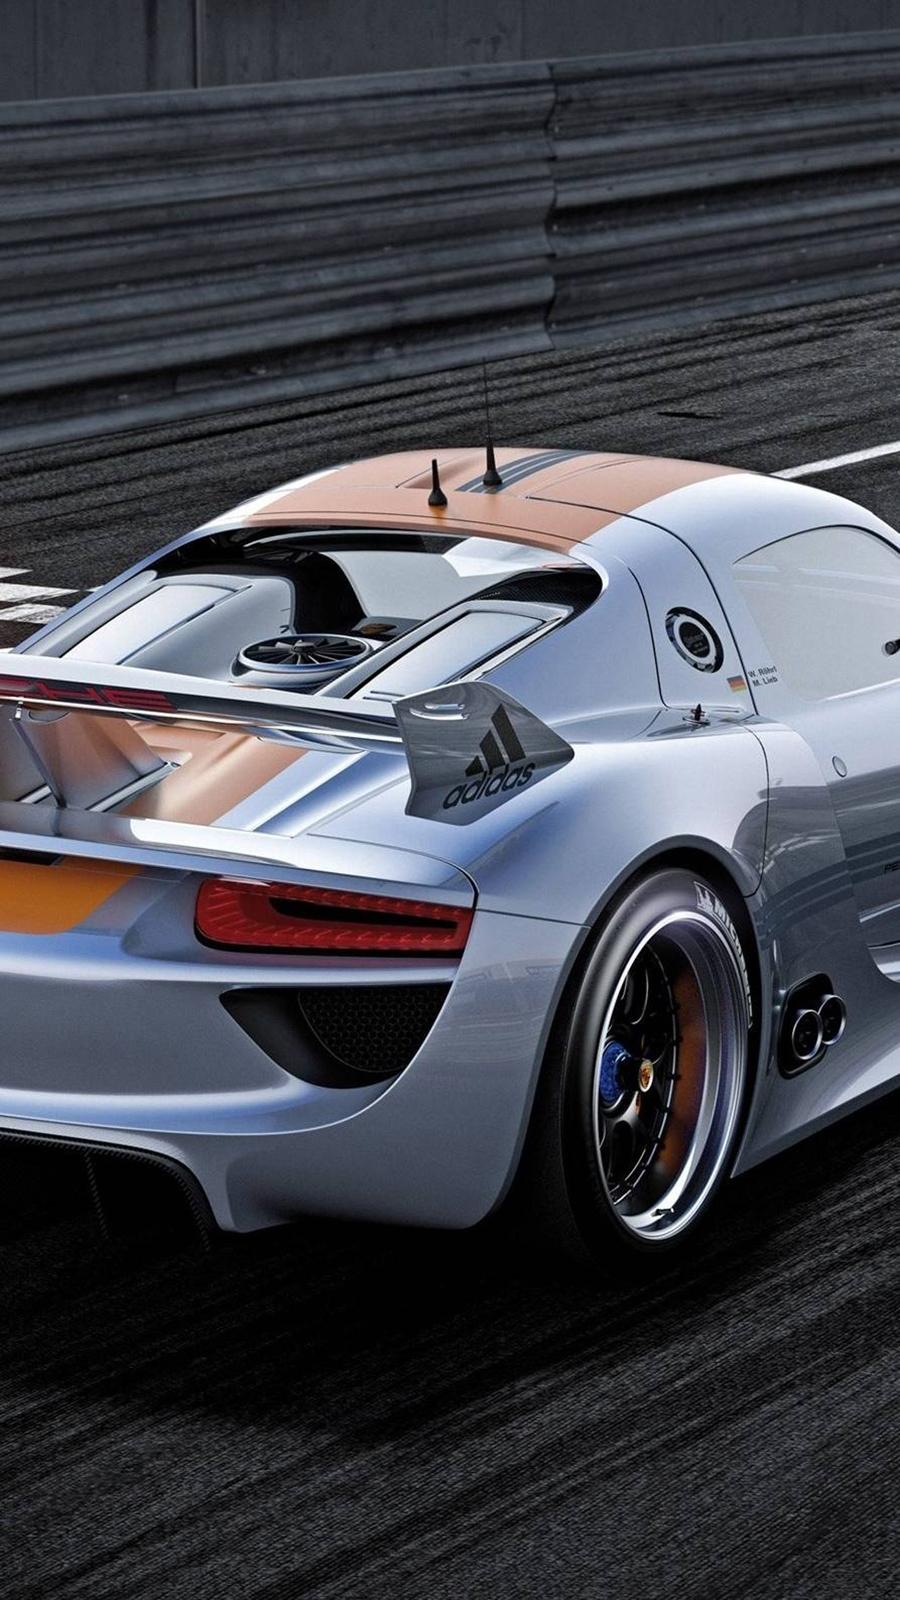 100+ Racing Car Full HD Wallpapers Free Download